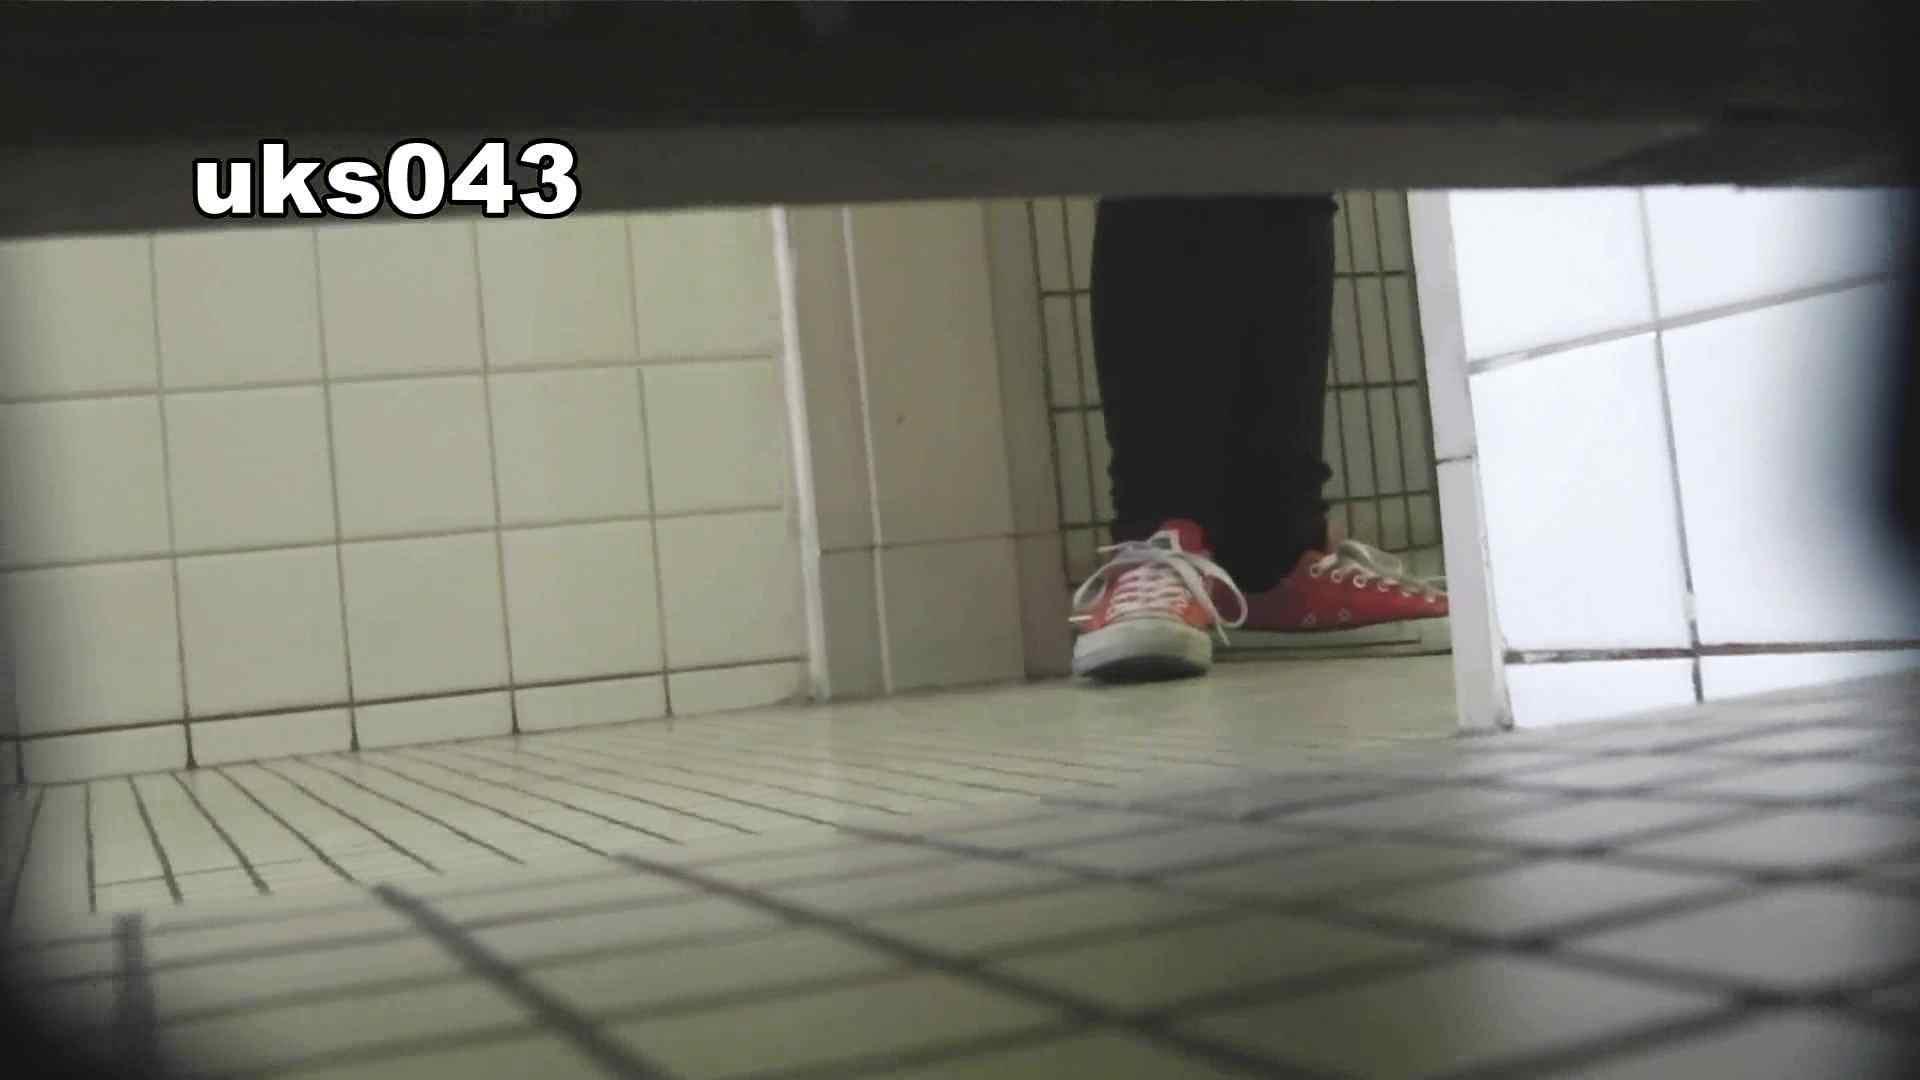 【美しき個室な世界】 vol.043 緊迫状況 OL女体  109連発 62